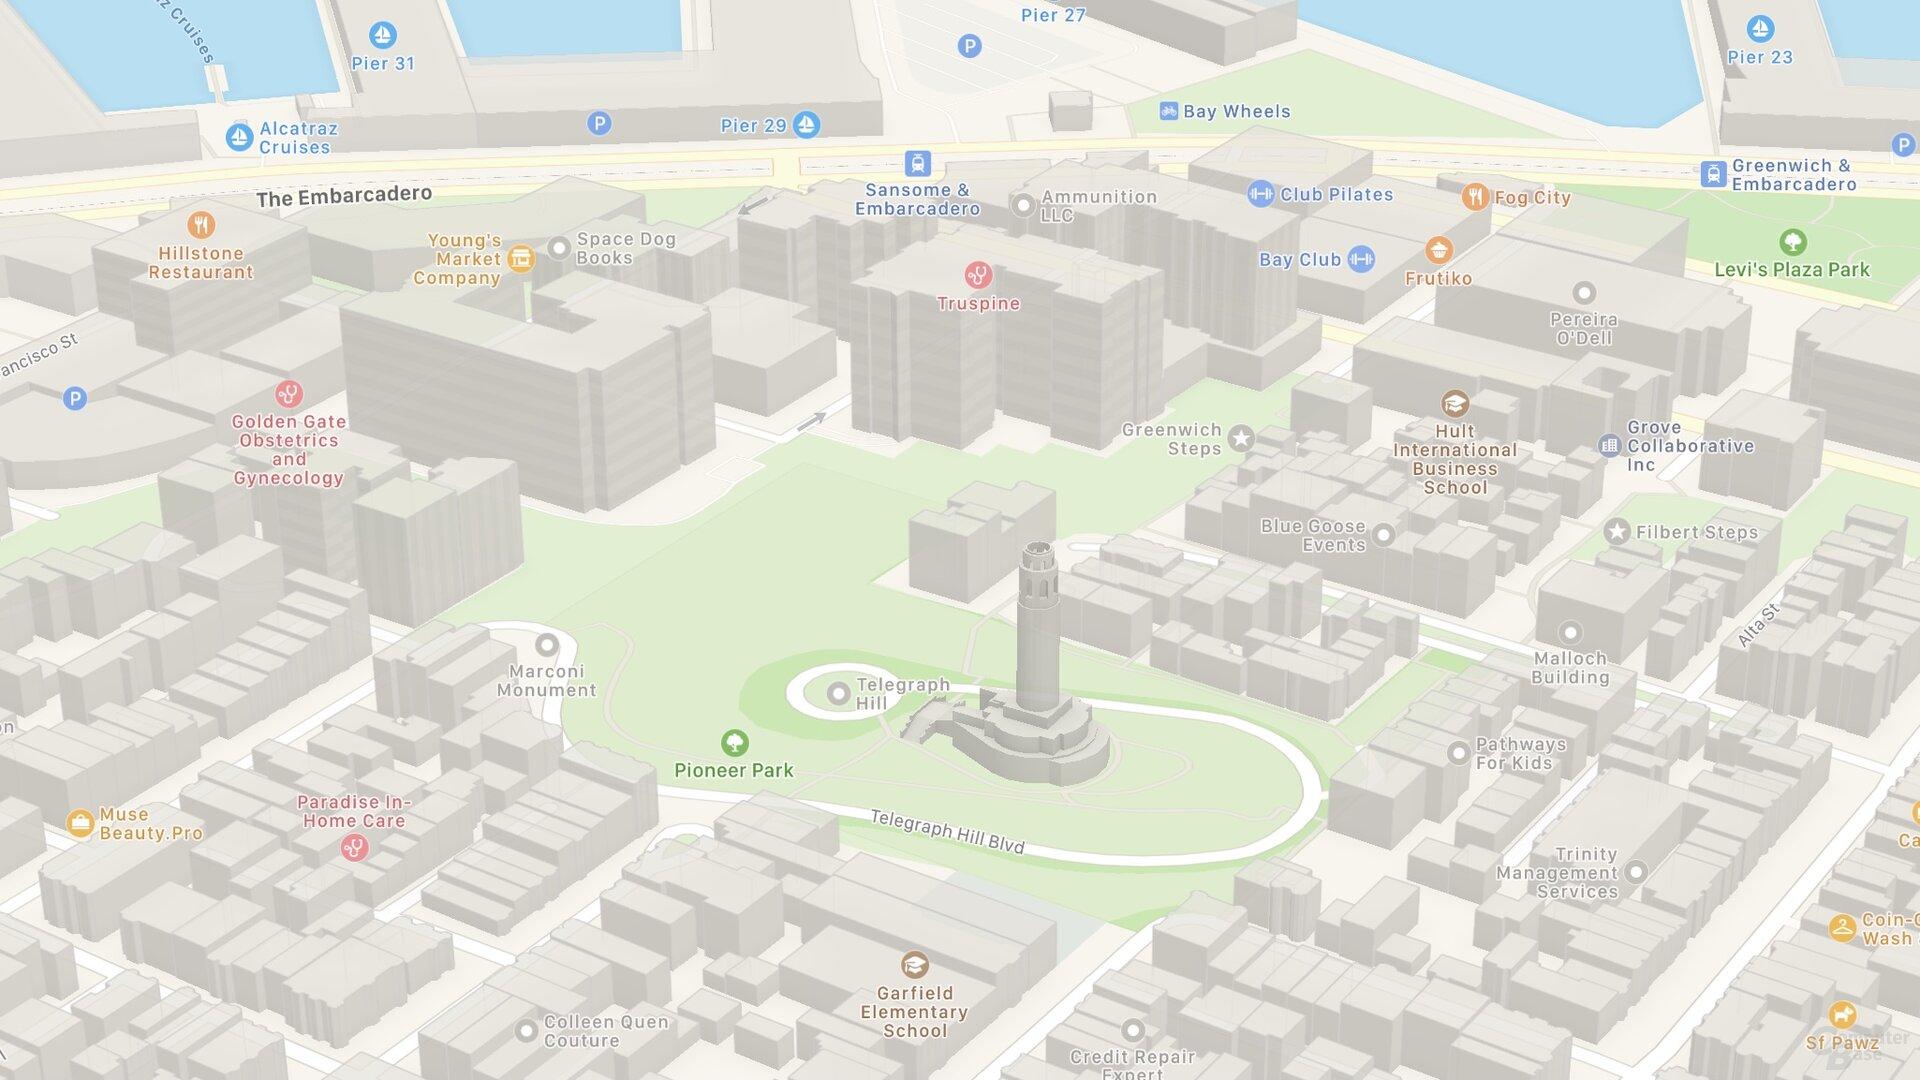 SF Telegraph Hill (iOS 14)